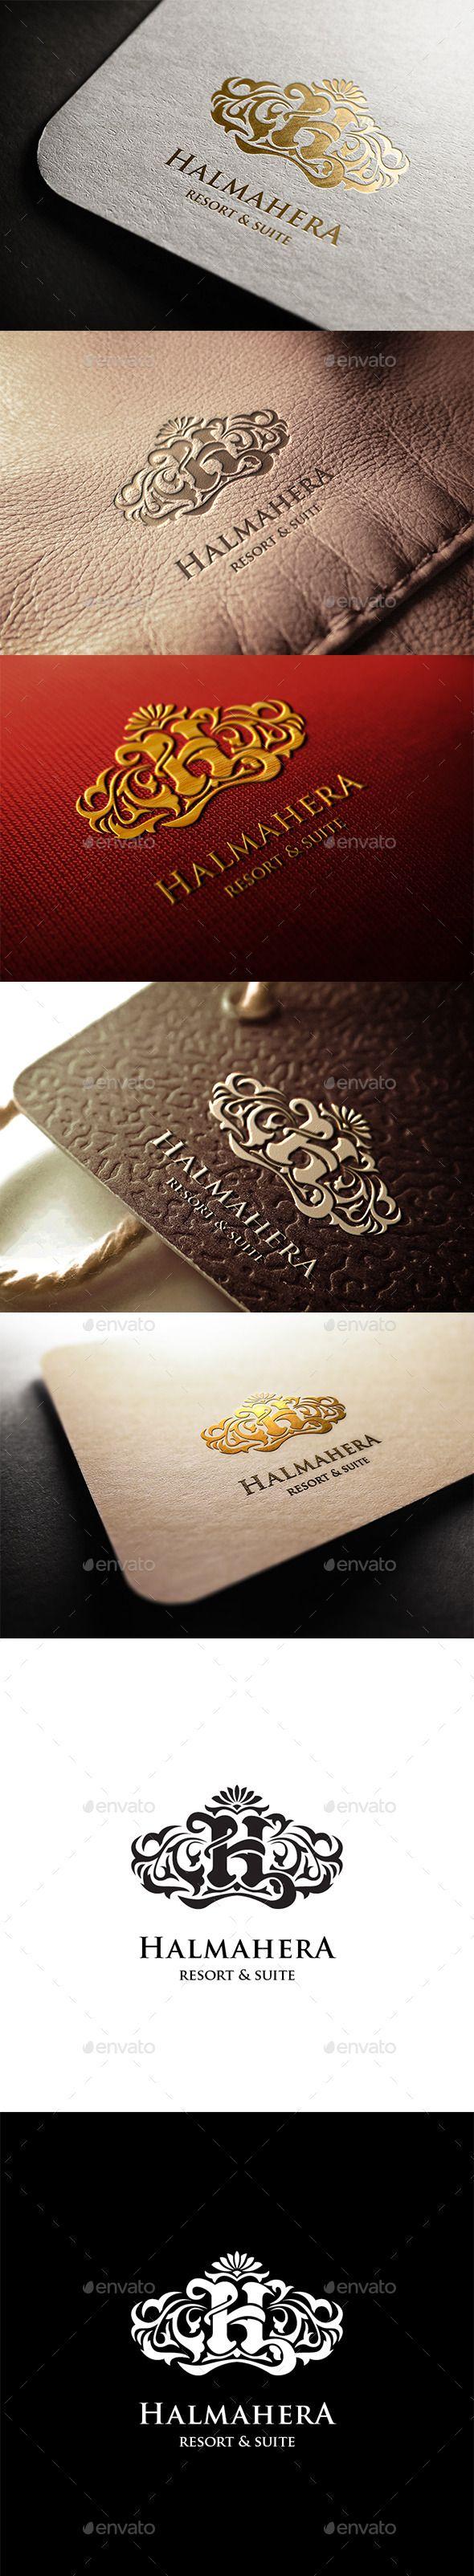 Halmahera Resort Logo